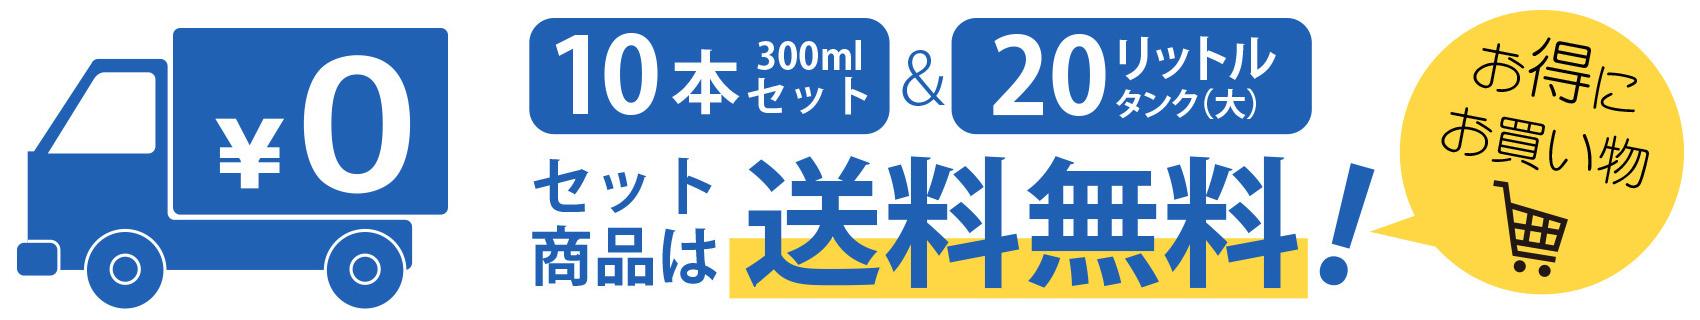 広島で販売・購入【スーパーアルカリイオン水】 セット商品は送料無料!